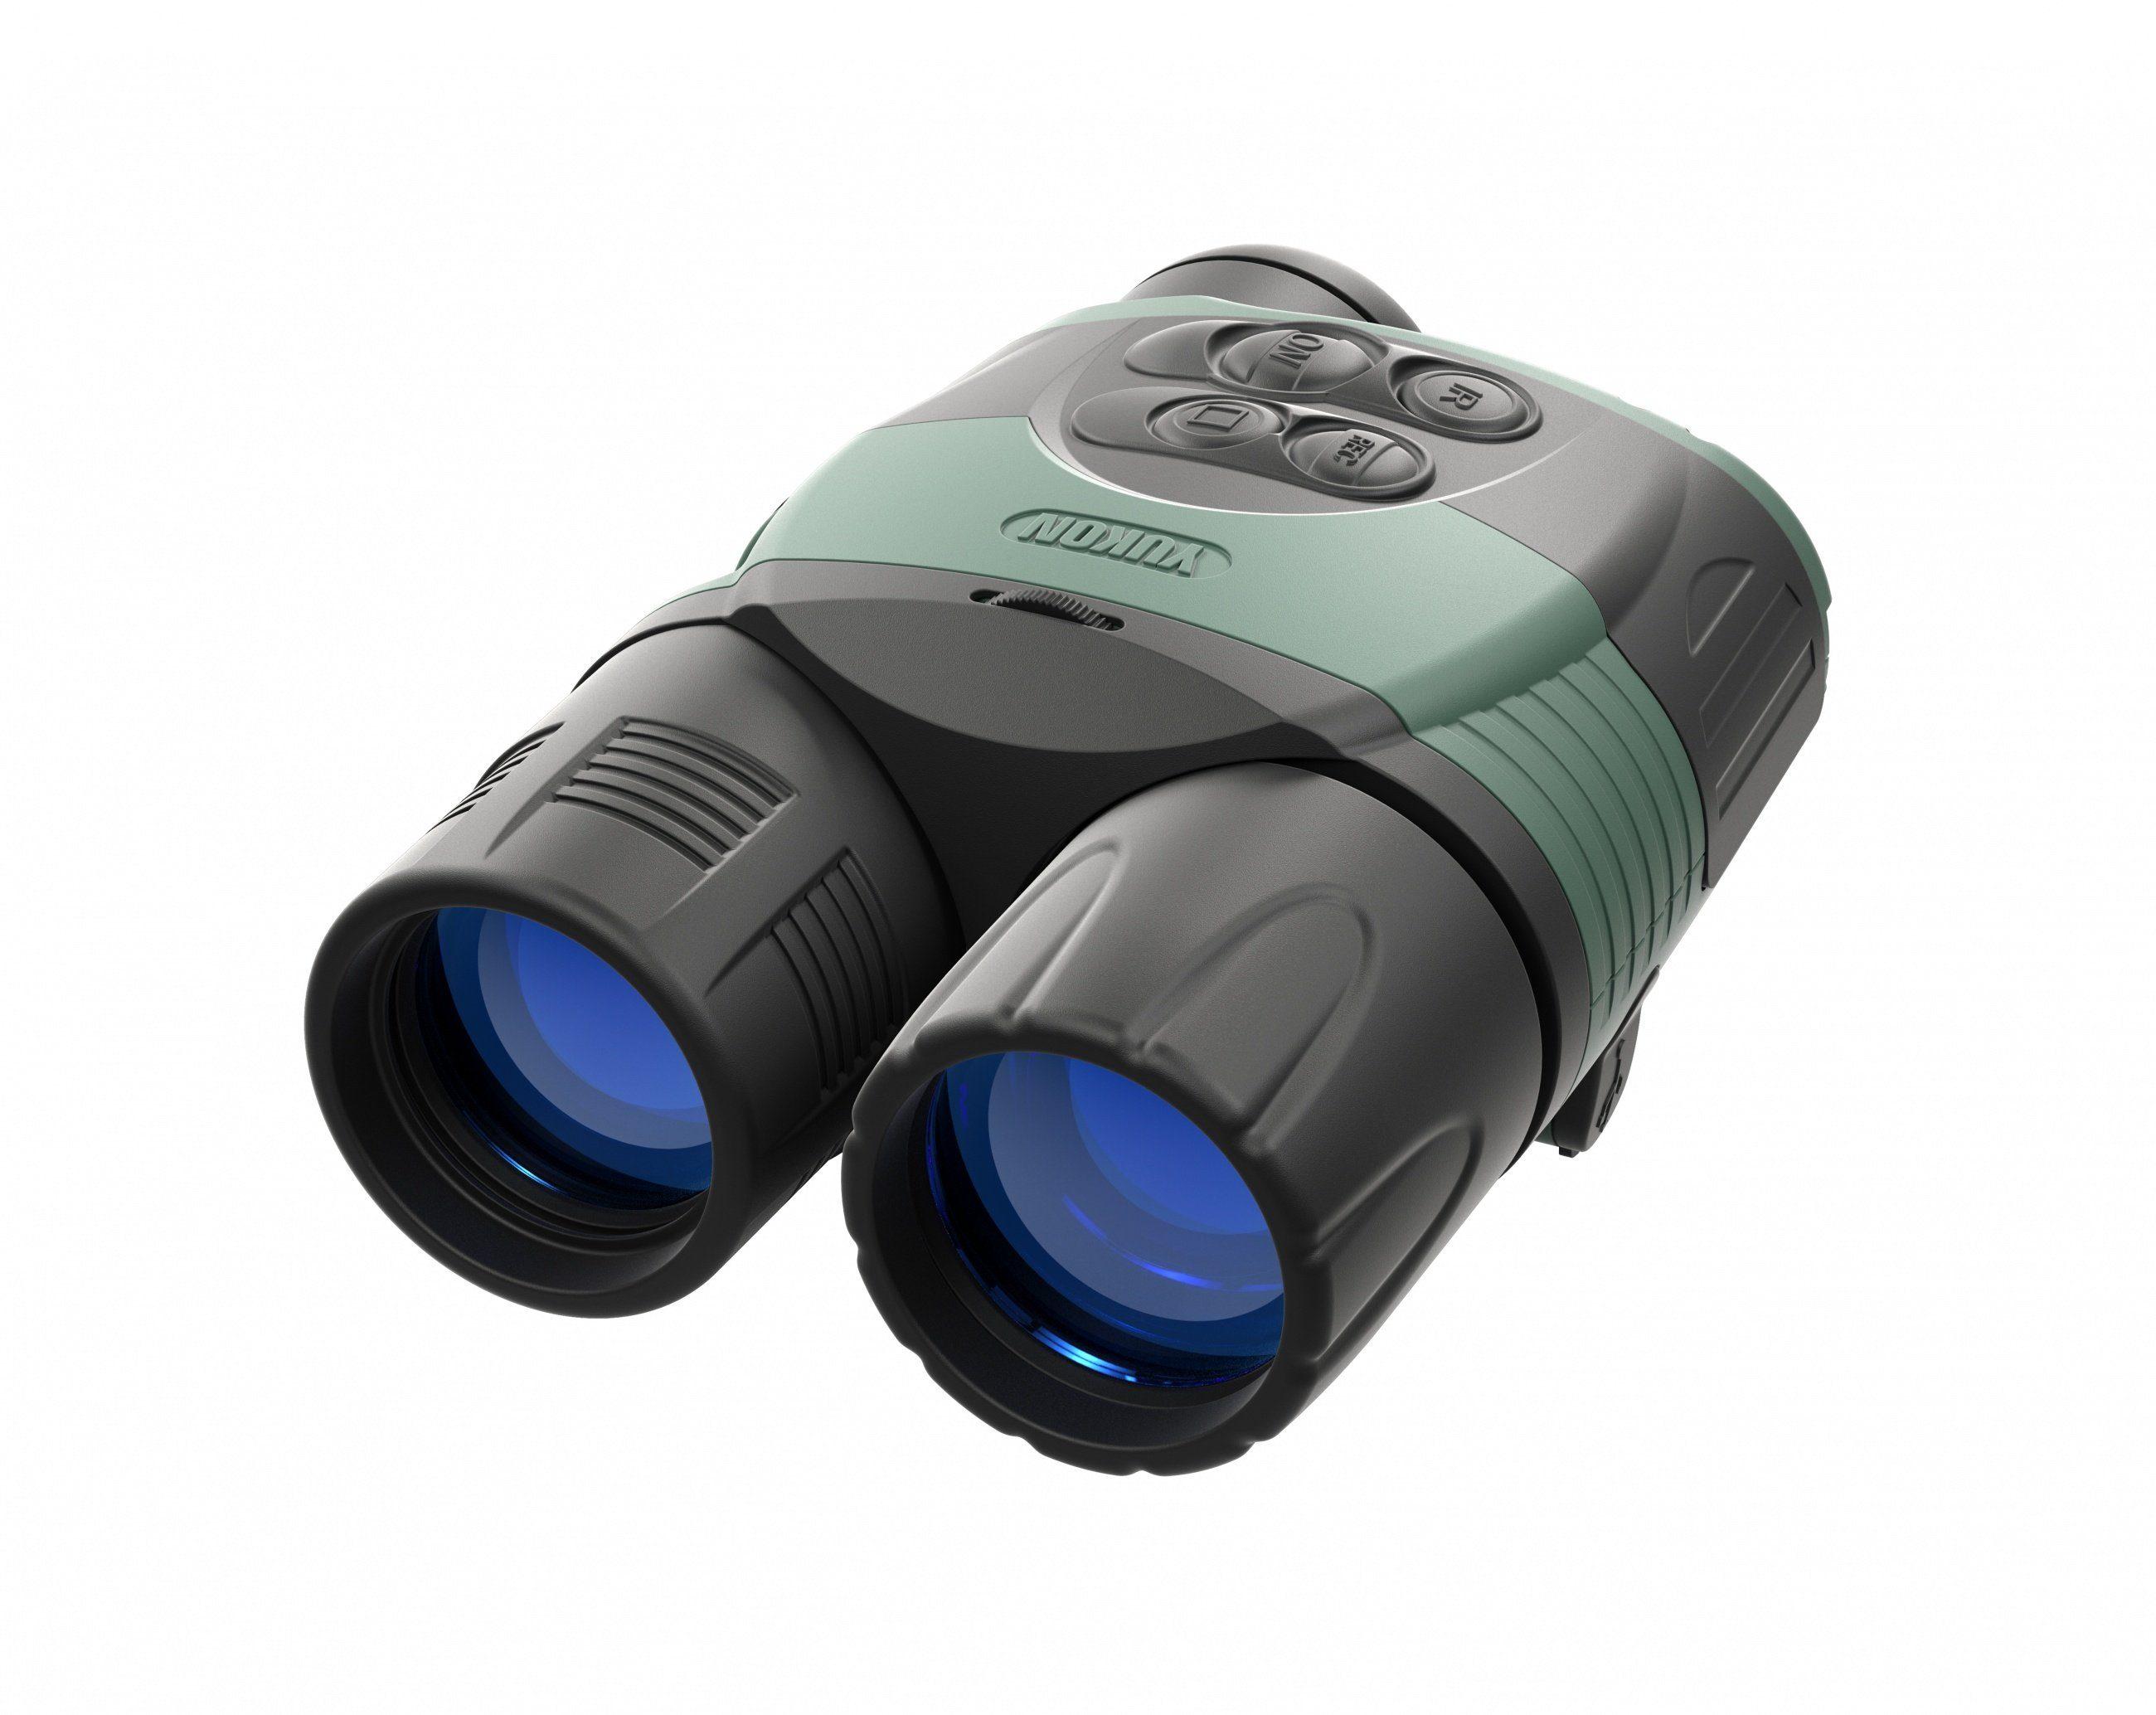 Yukon nachtsichtgerät ranger rt digitales nachtsichtgerät